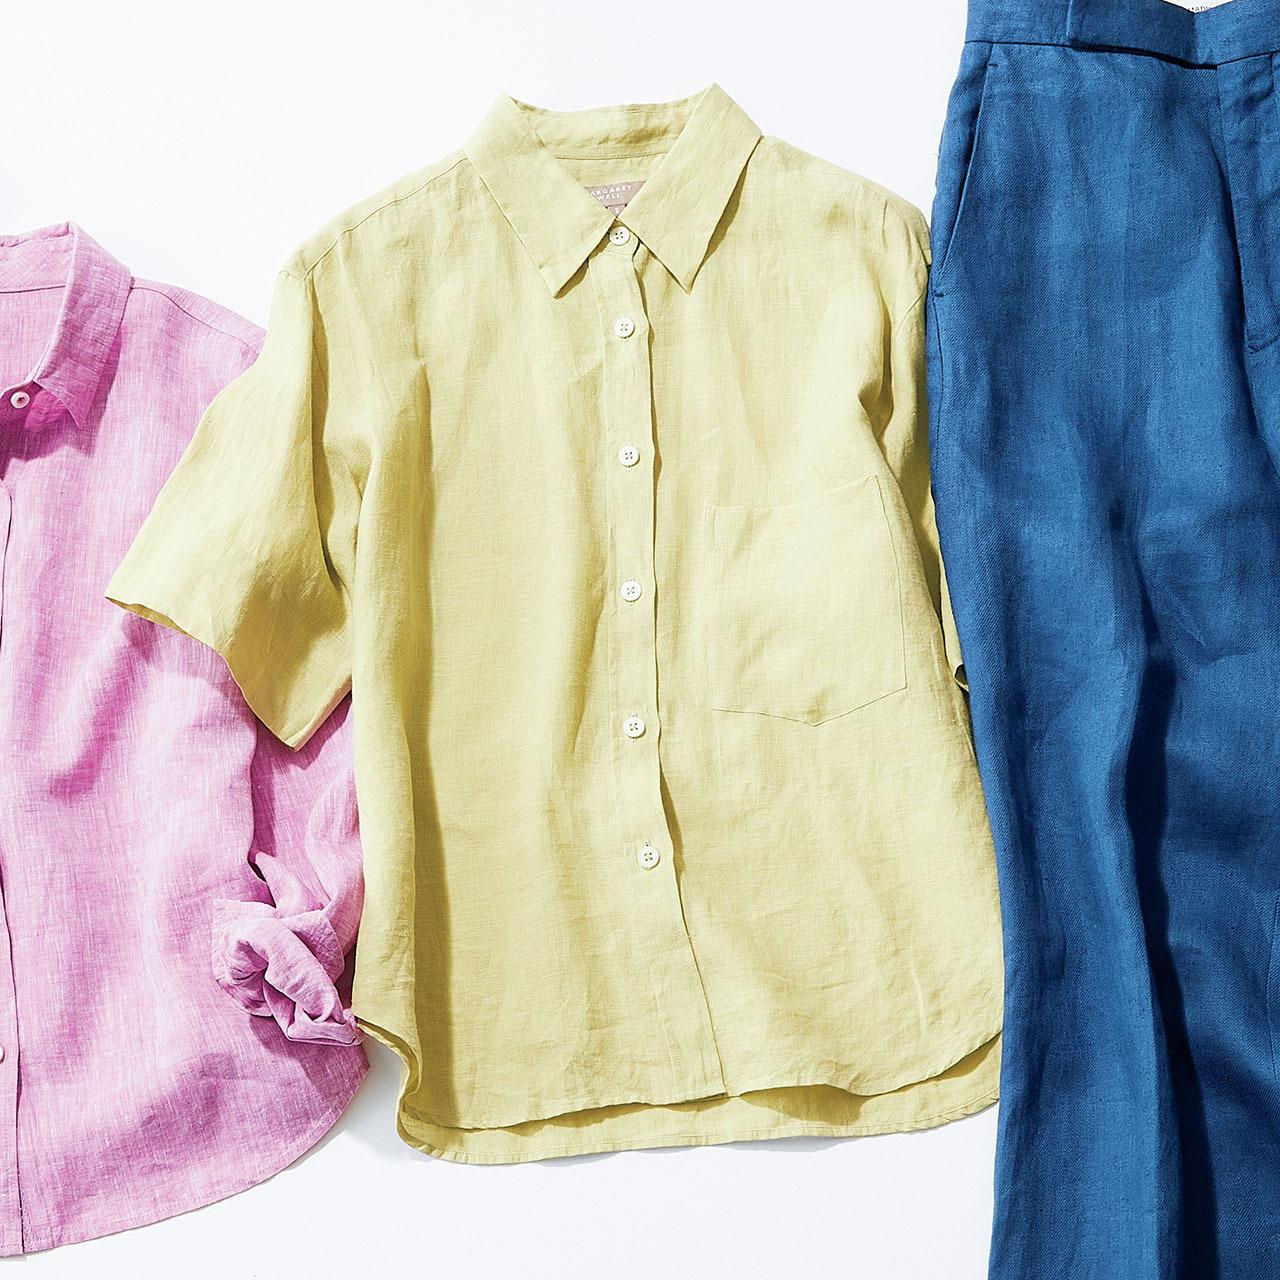 """リネンのカッコよさを印象づけるなら""""きれい色のトレンド感""""で 五選_1_1-3"""